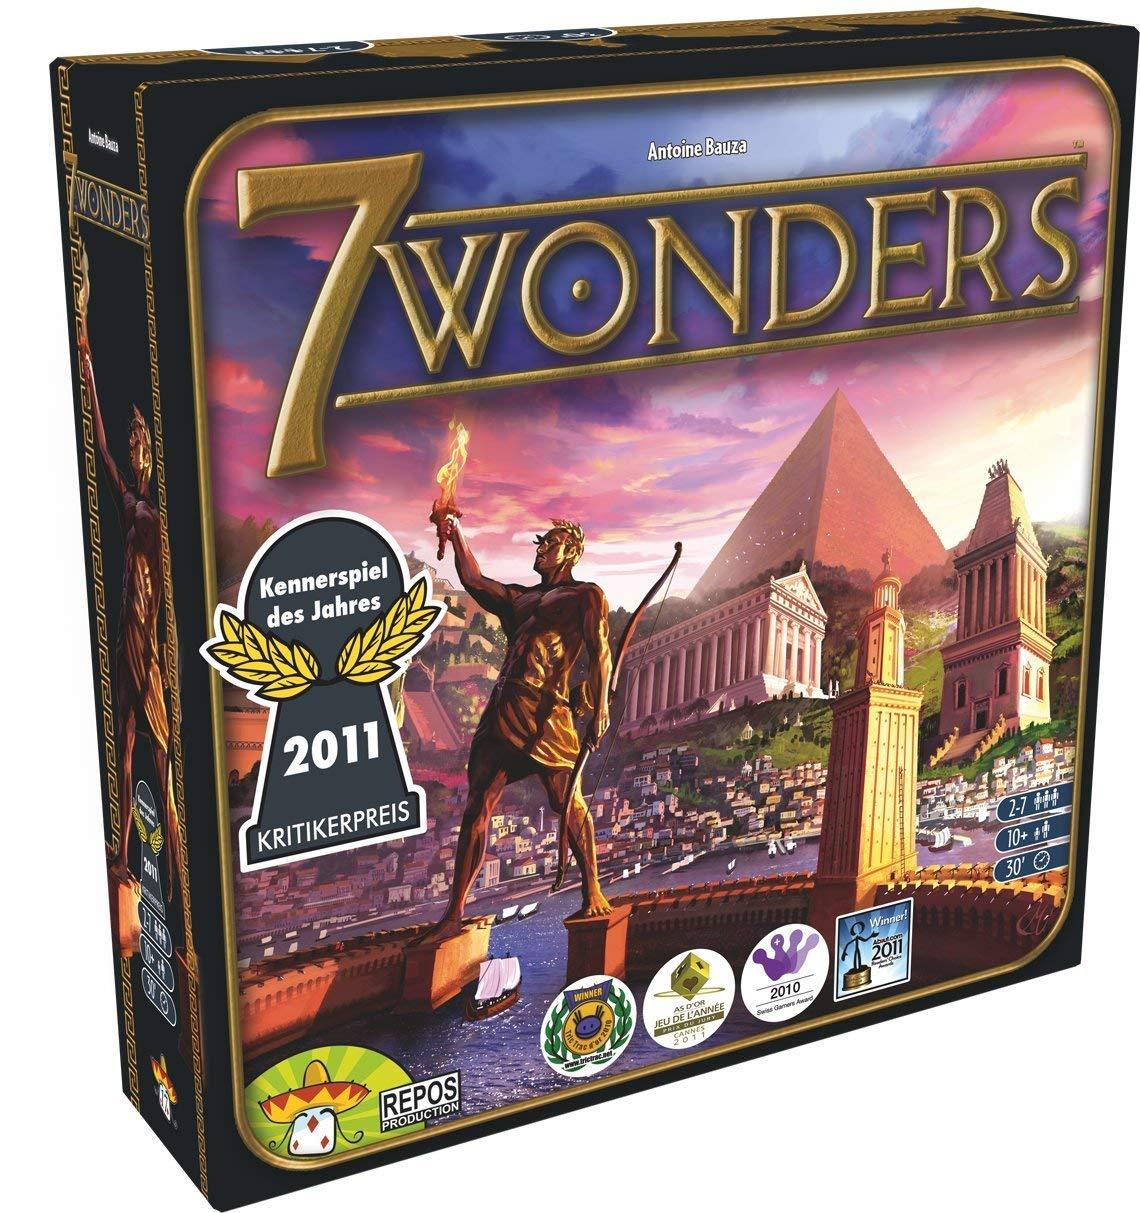 JUEGAZO DE MESA 7 Wonders